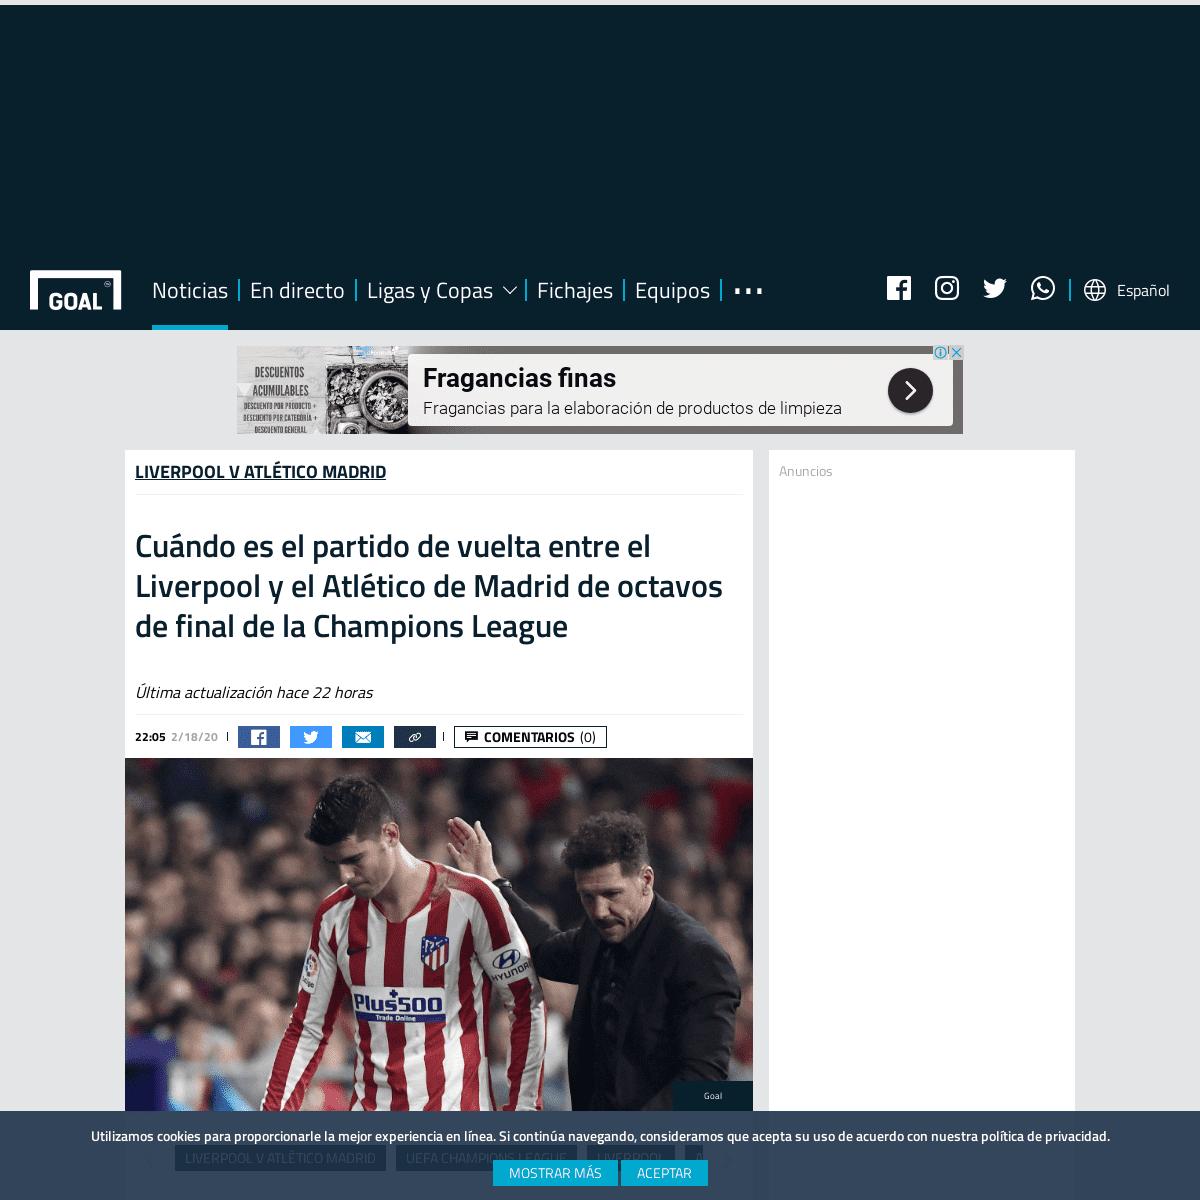 Cuándo es el partido de vuelta entre el Liverpool y el Atlético de Madrid de octavos de final de la Champions League - Goal.co